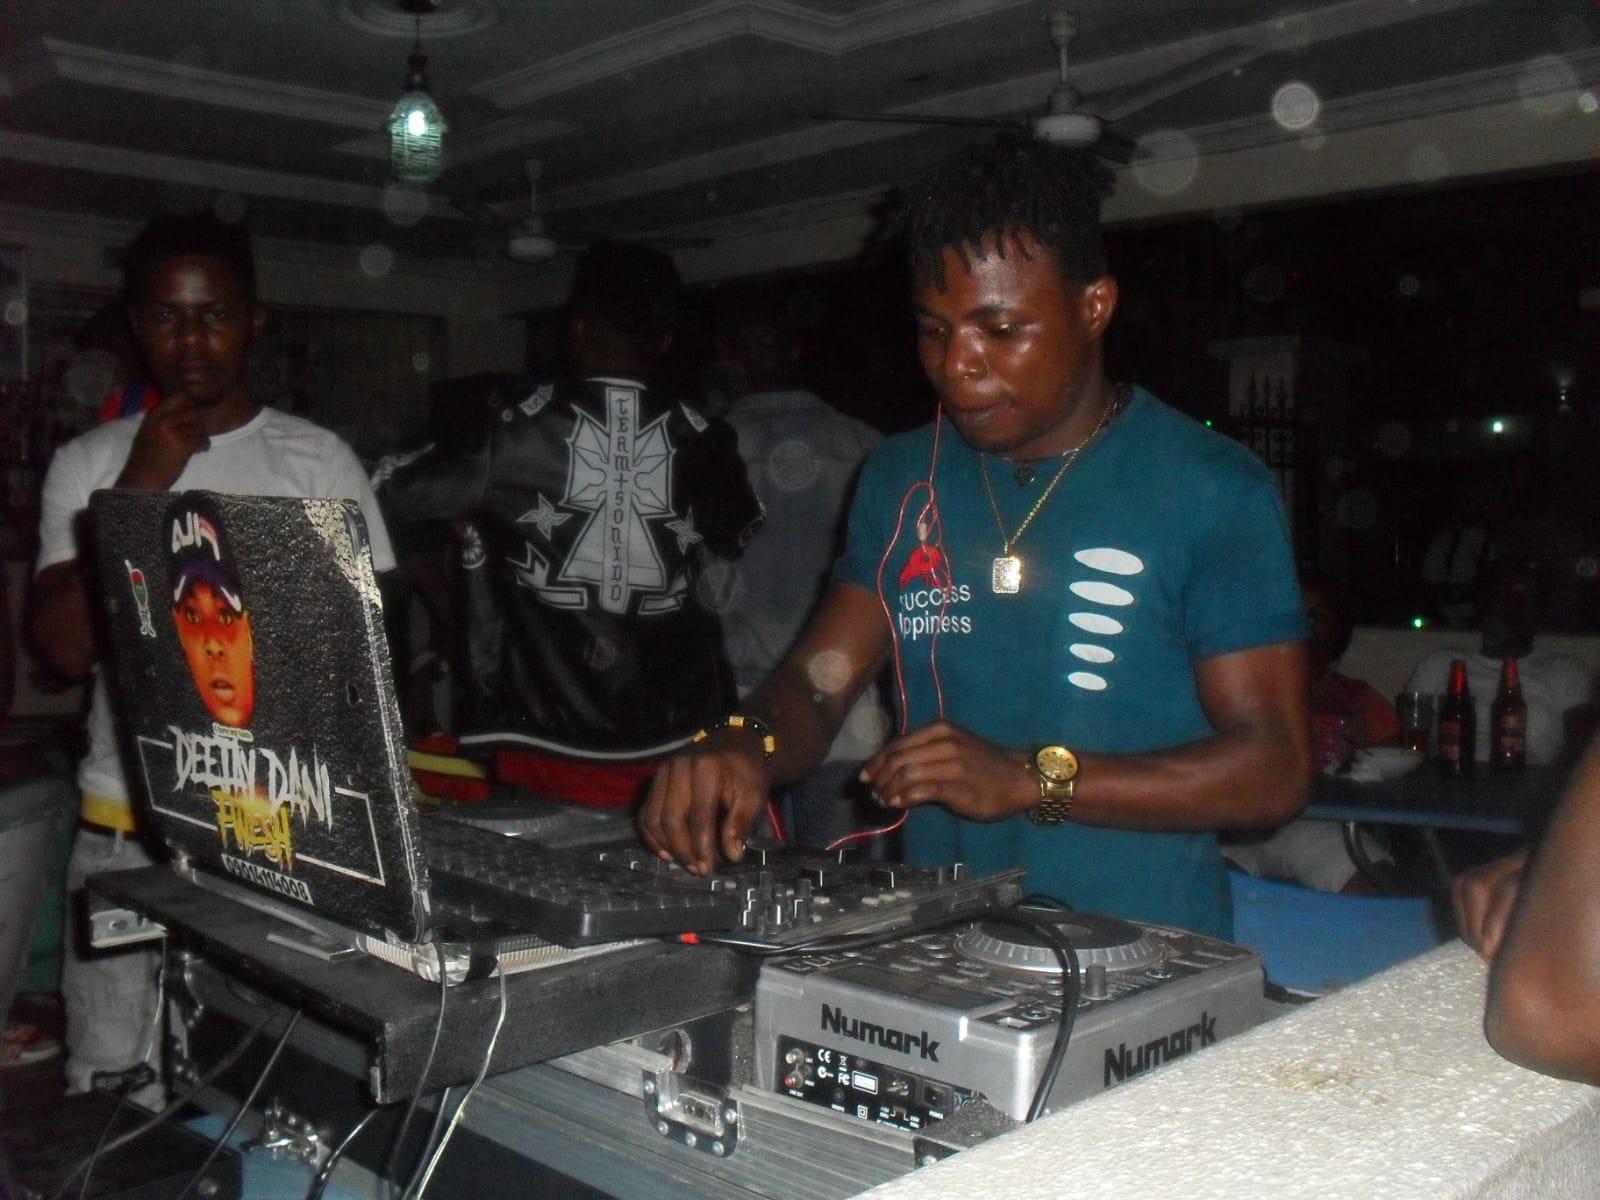 Dj Fani fwesh On the turntable